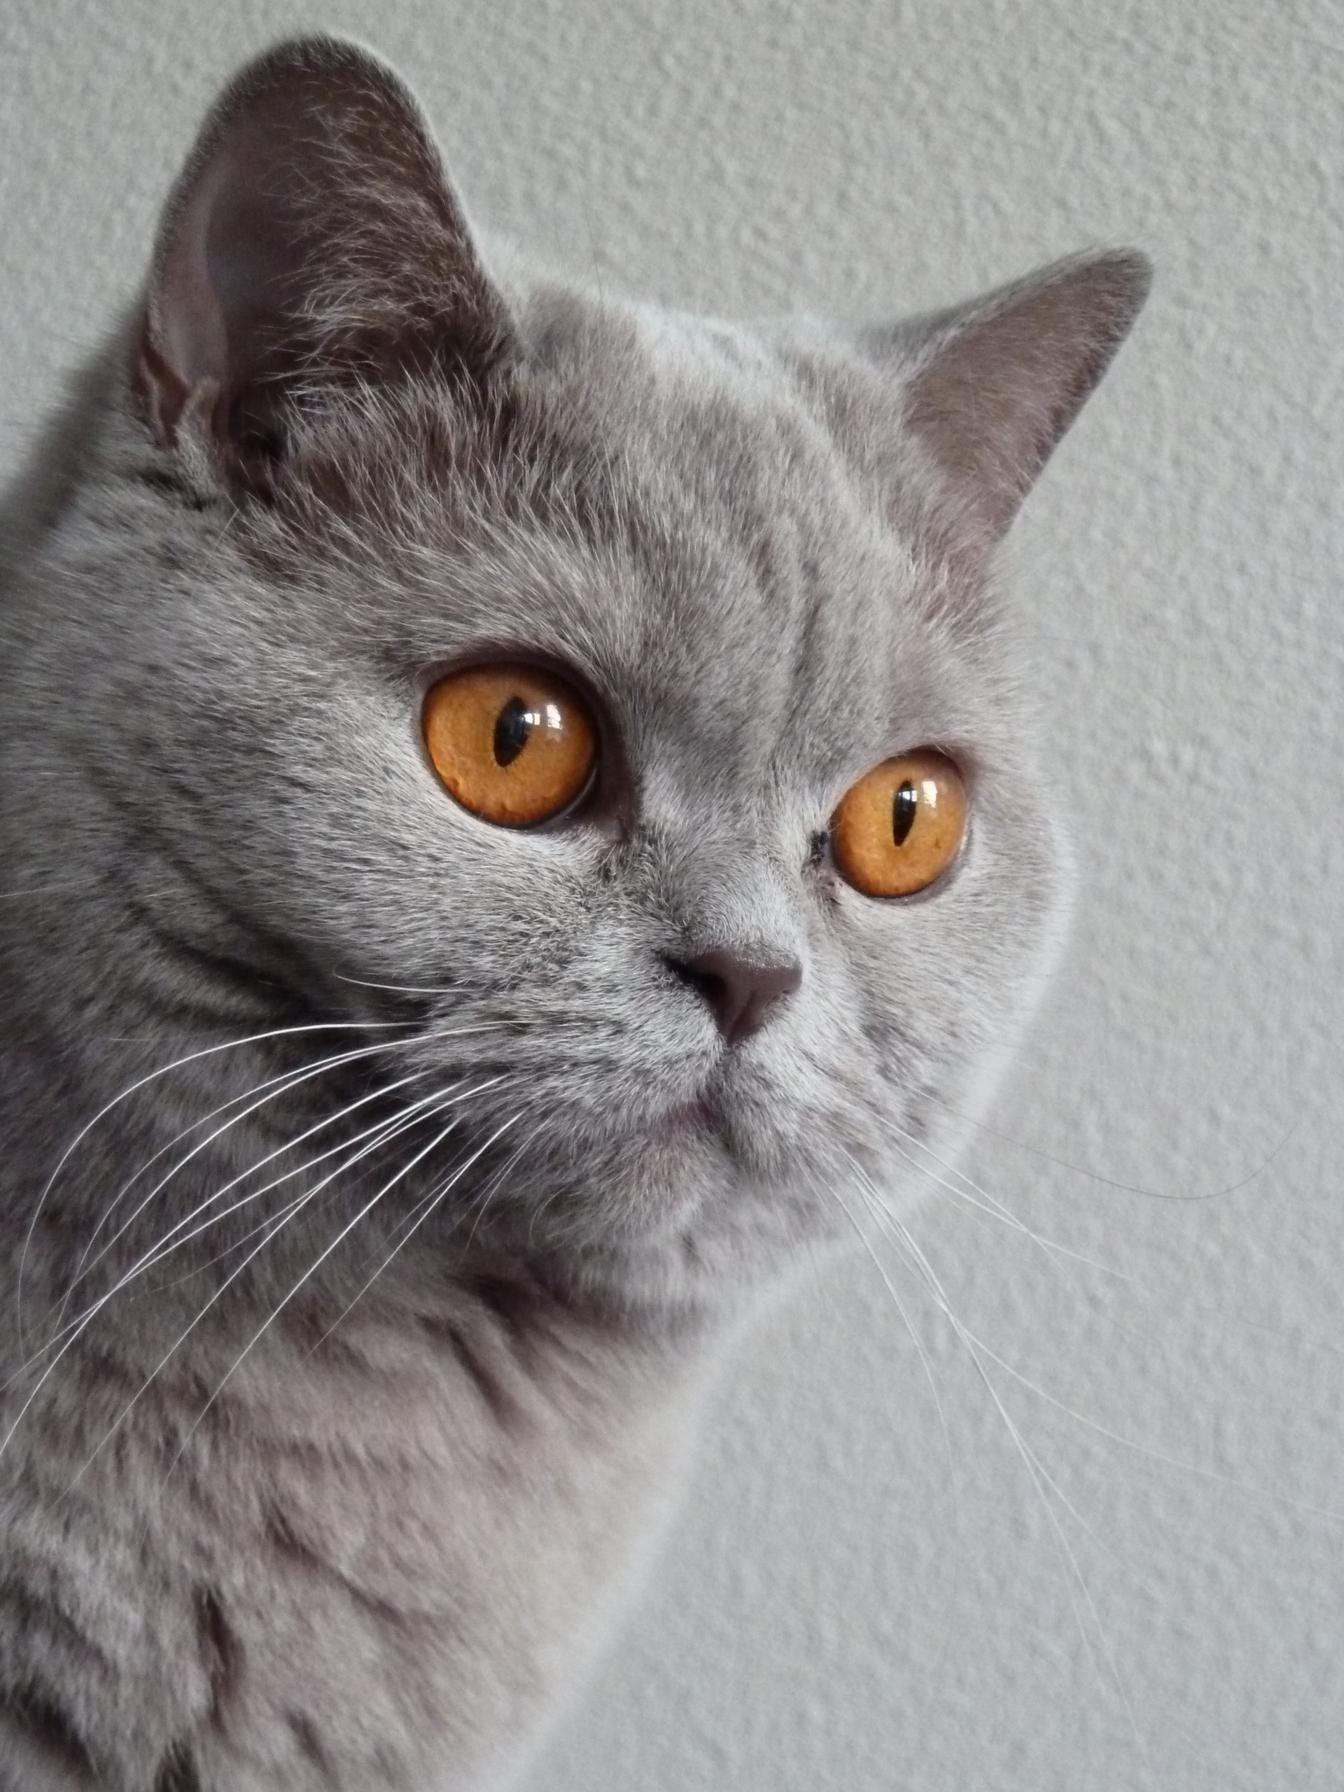 Cat Eyes British Shorthair British Shorthair Blue British